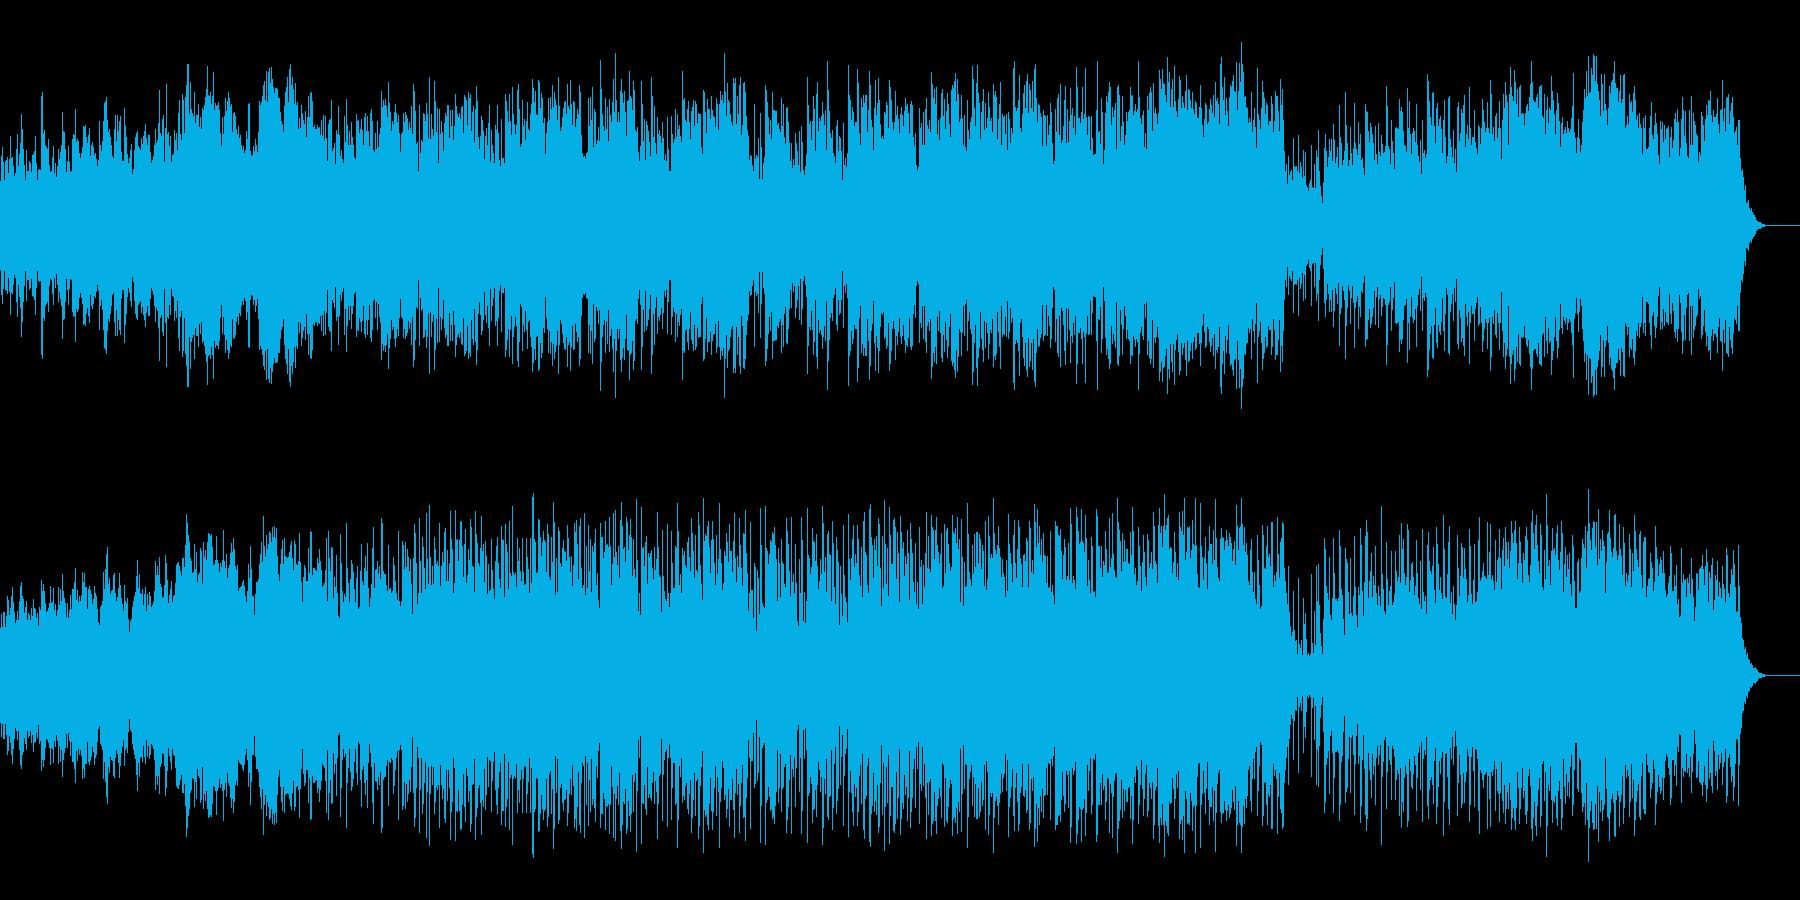 ギターの旋律が印象的な夏に合うインストの再生済みの波形